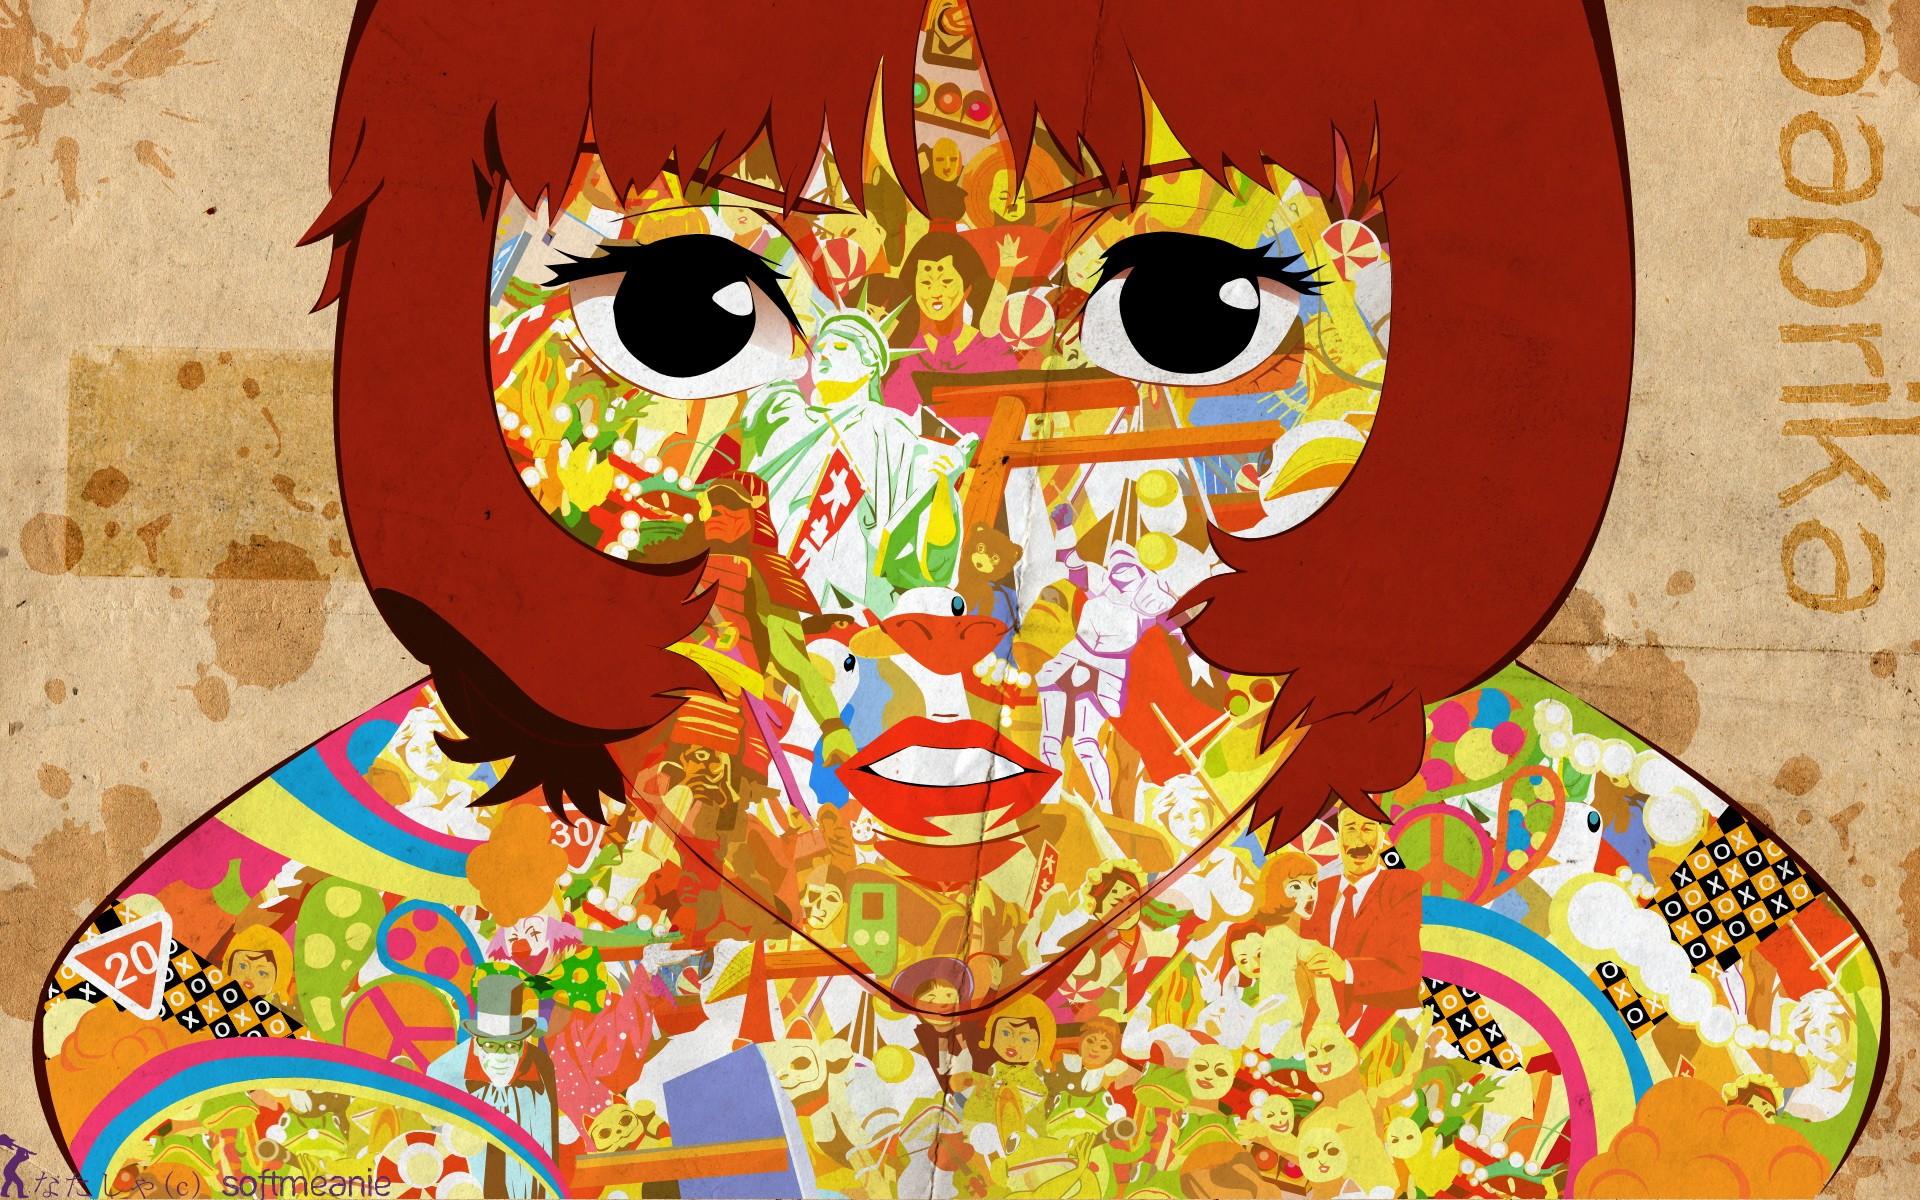 図 アニメの女の子 ポスター パプリカ映画 アート 現代美術